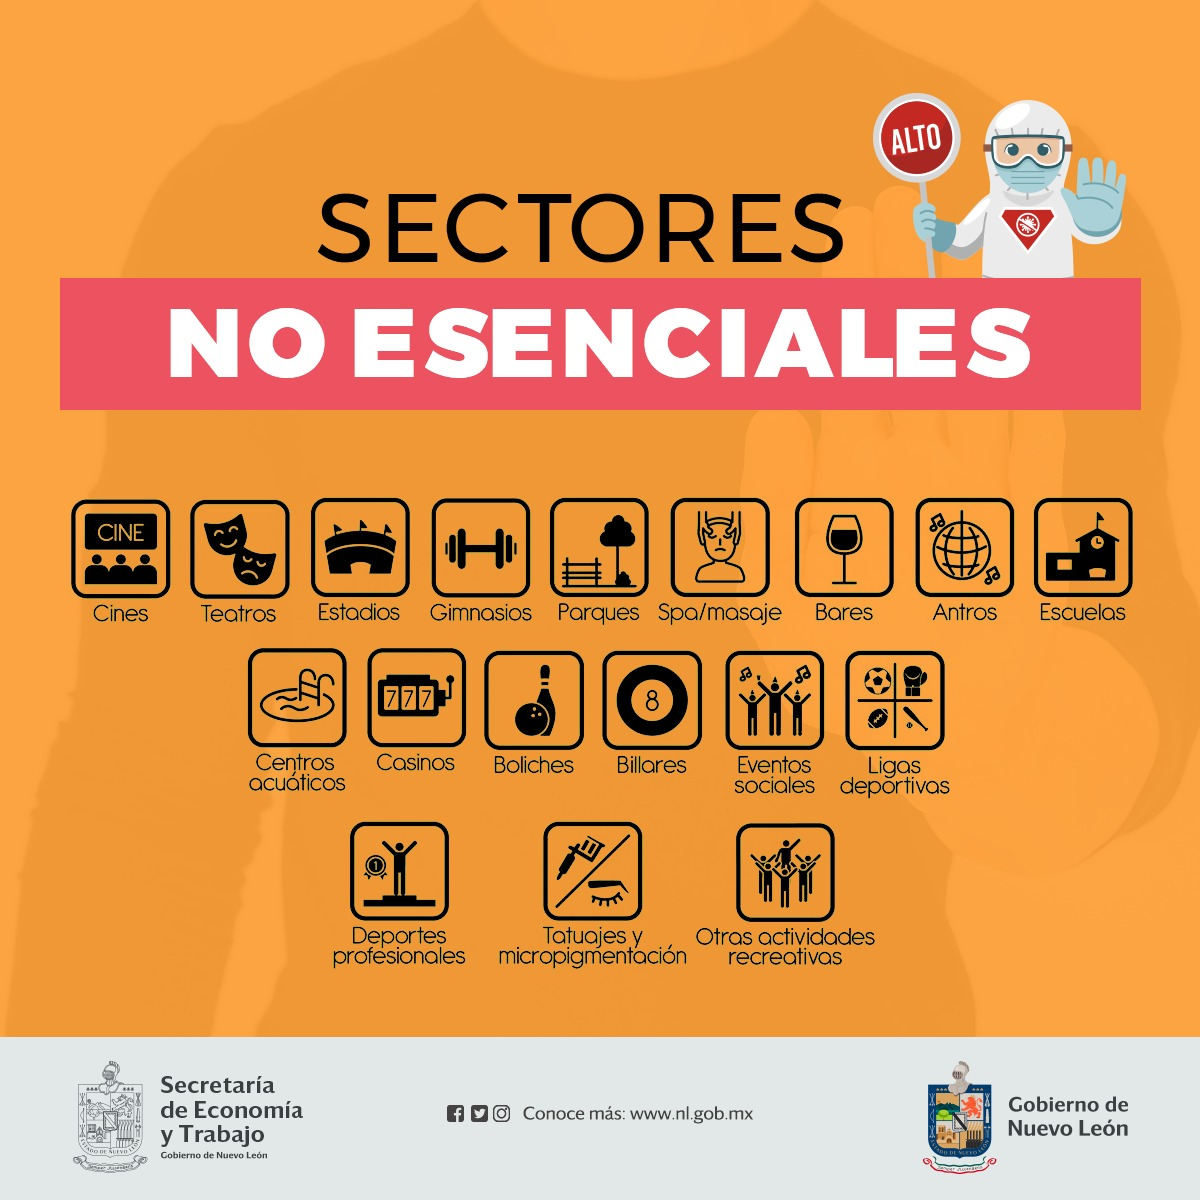 Sectores no esenciales